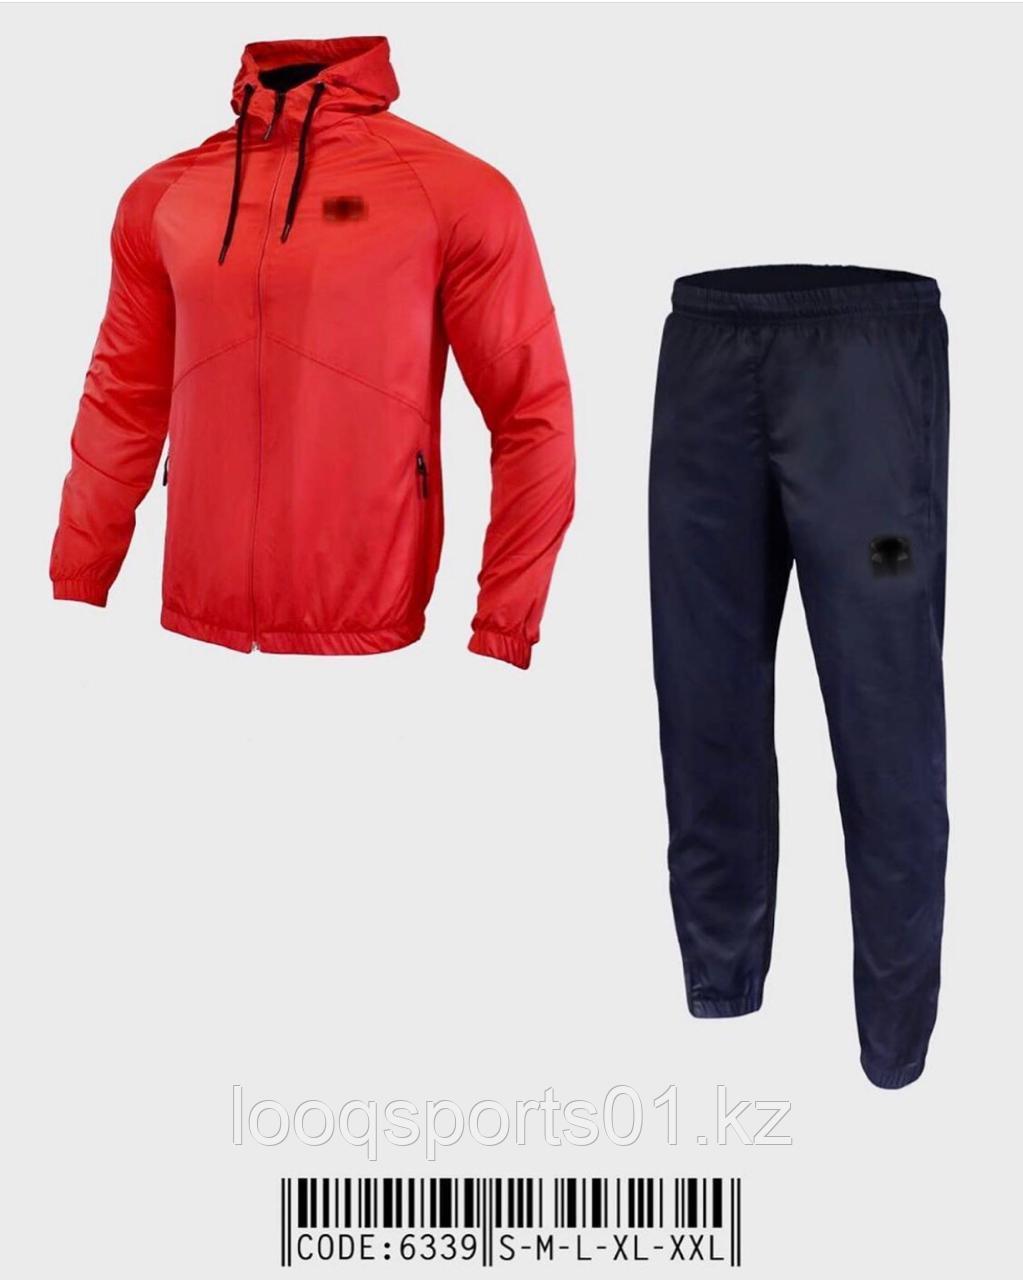 Мужские спортивные костюмы Турция размер (S)